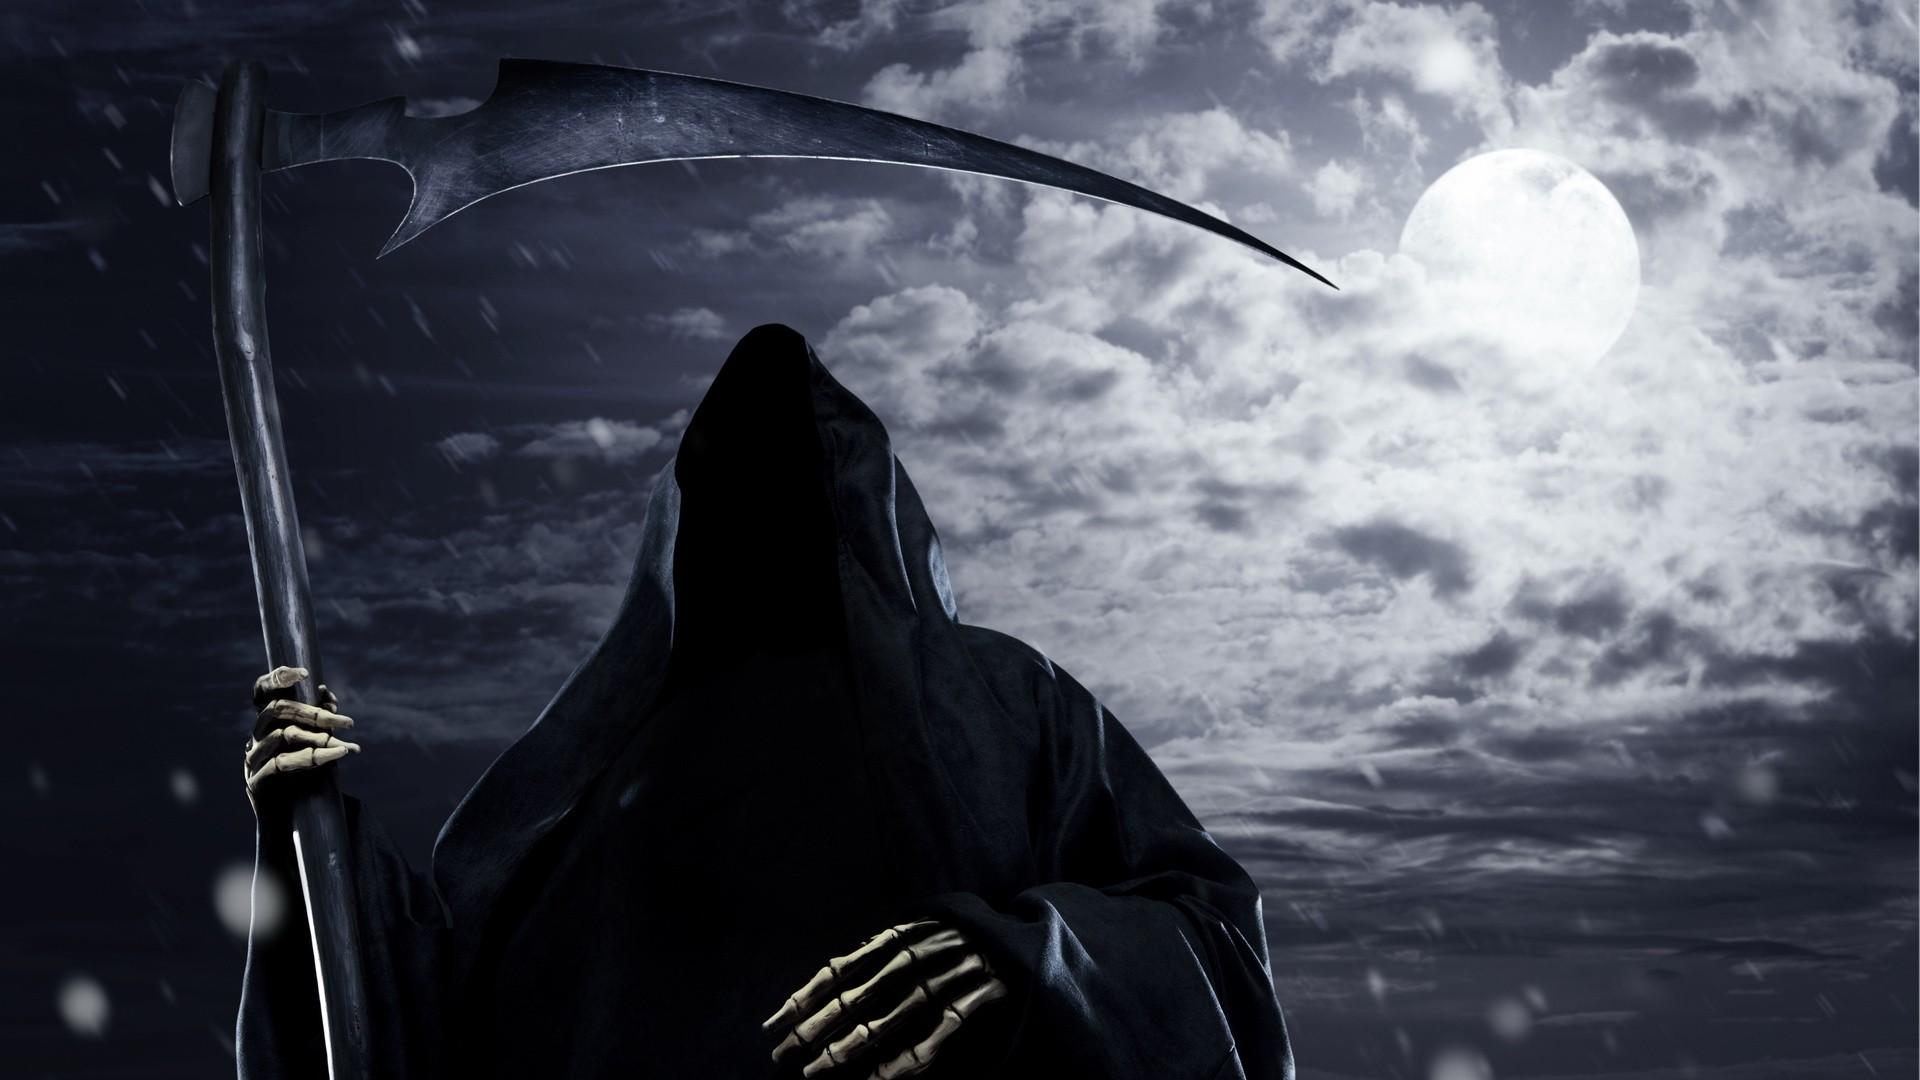 Grim Reaper Wallpaper image hd